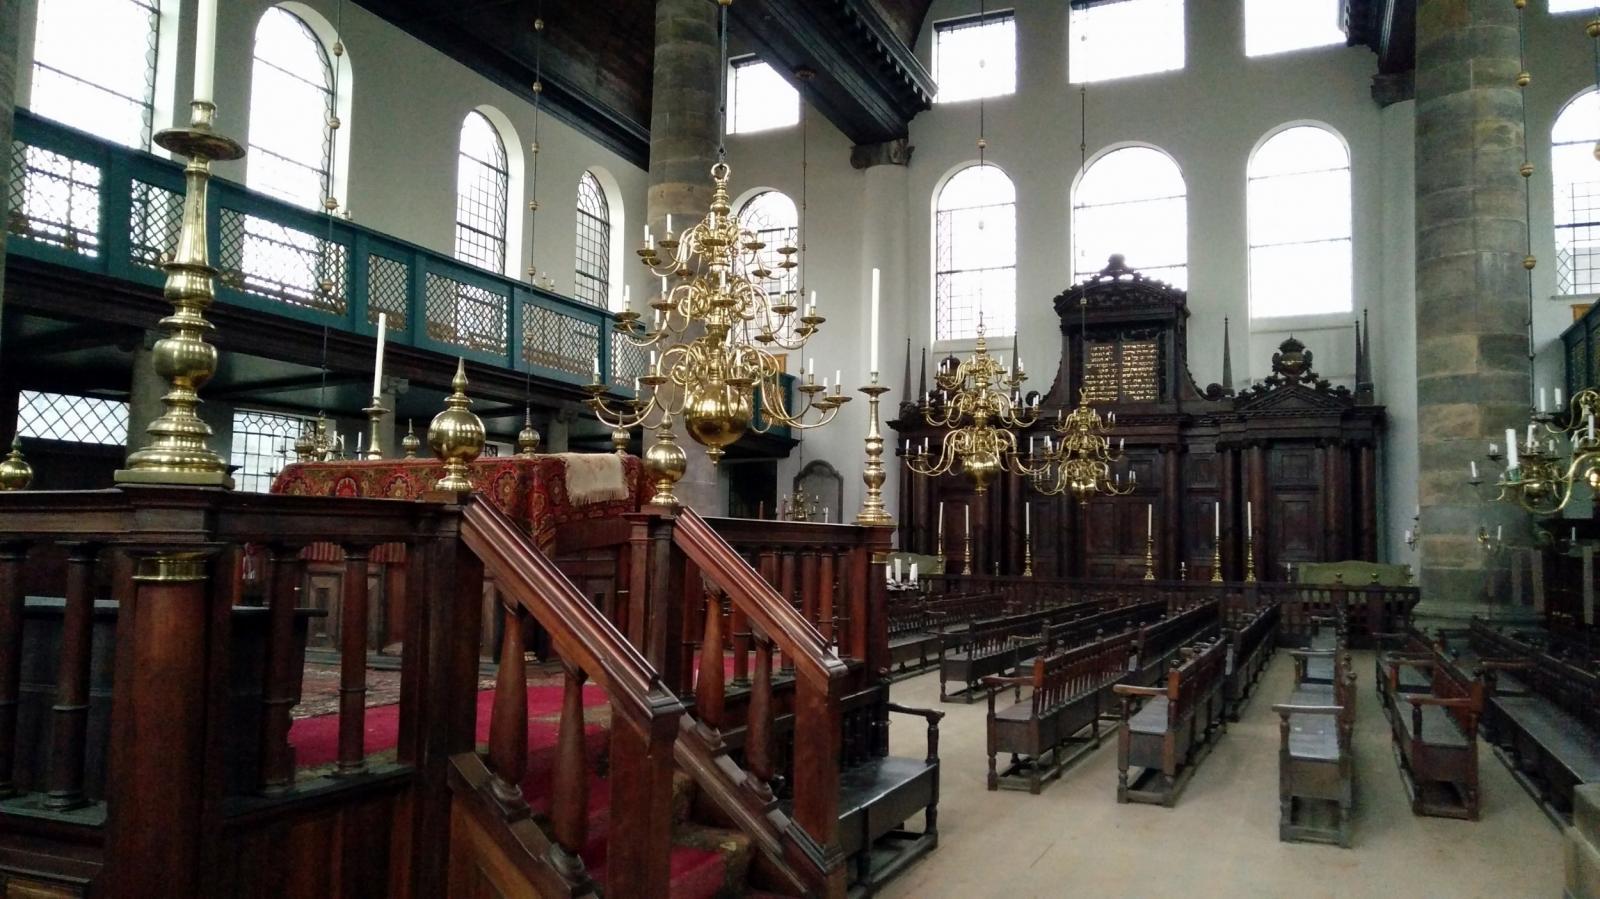 Os sefarditas da Espanha e Portugal na Holanda - Parte 1